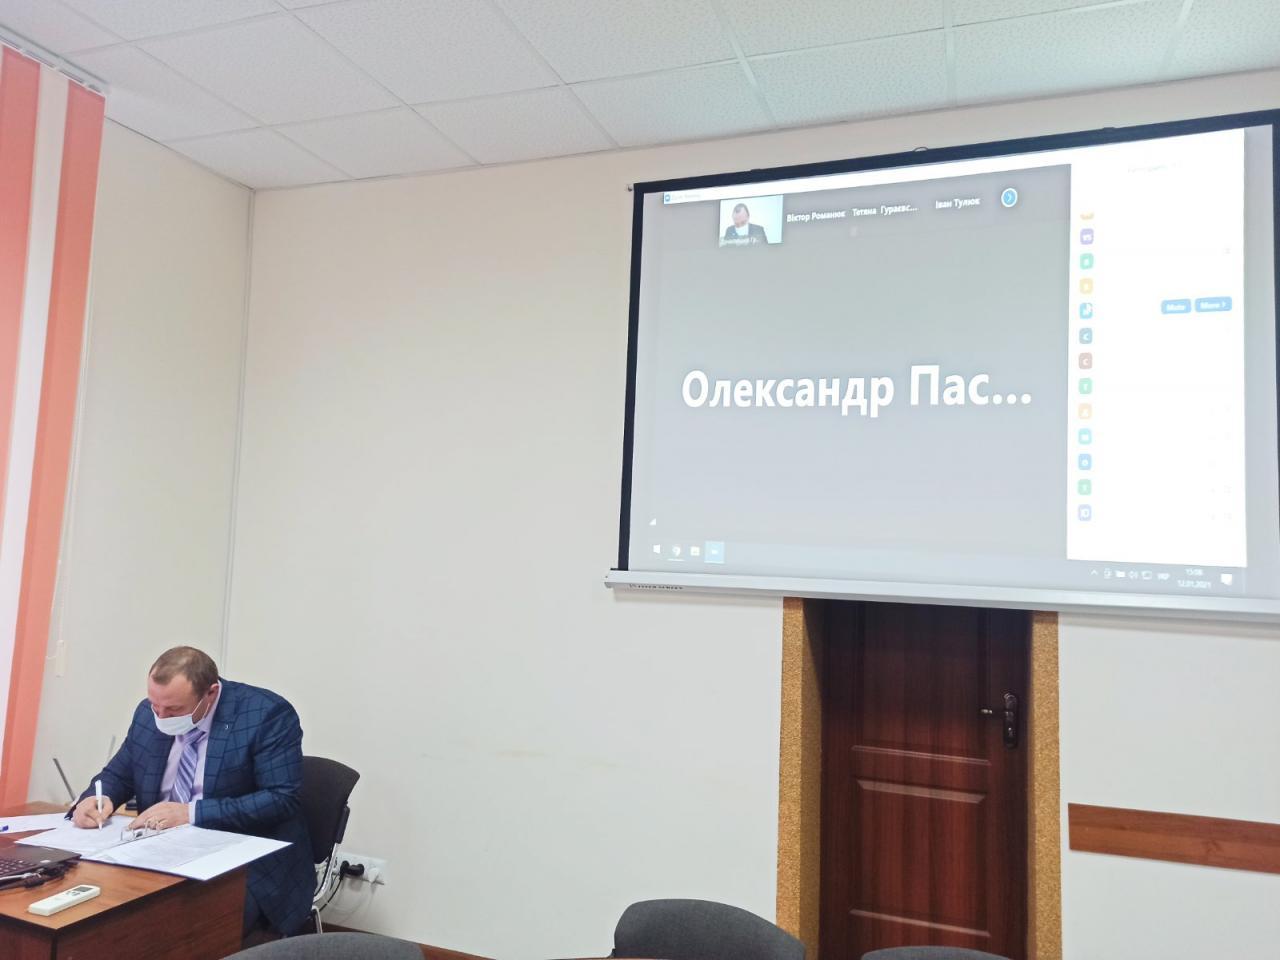 http://dunrada.gov.ua/uploadfile/archive_news/2021/01/12/2021-01-12_2750/images/images-32128.jpg